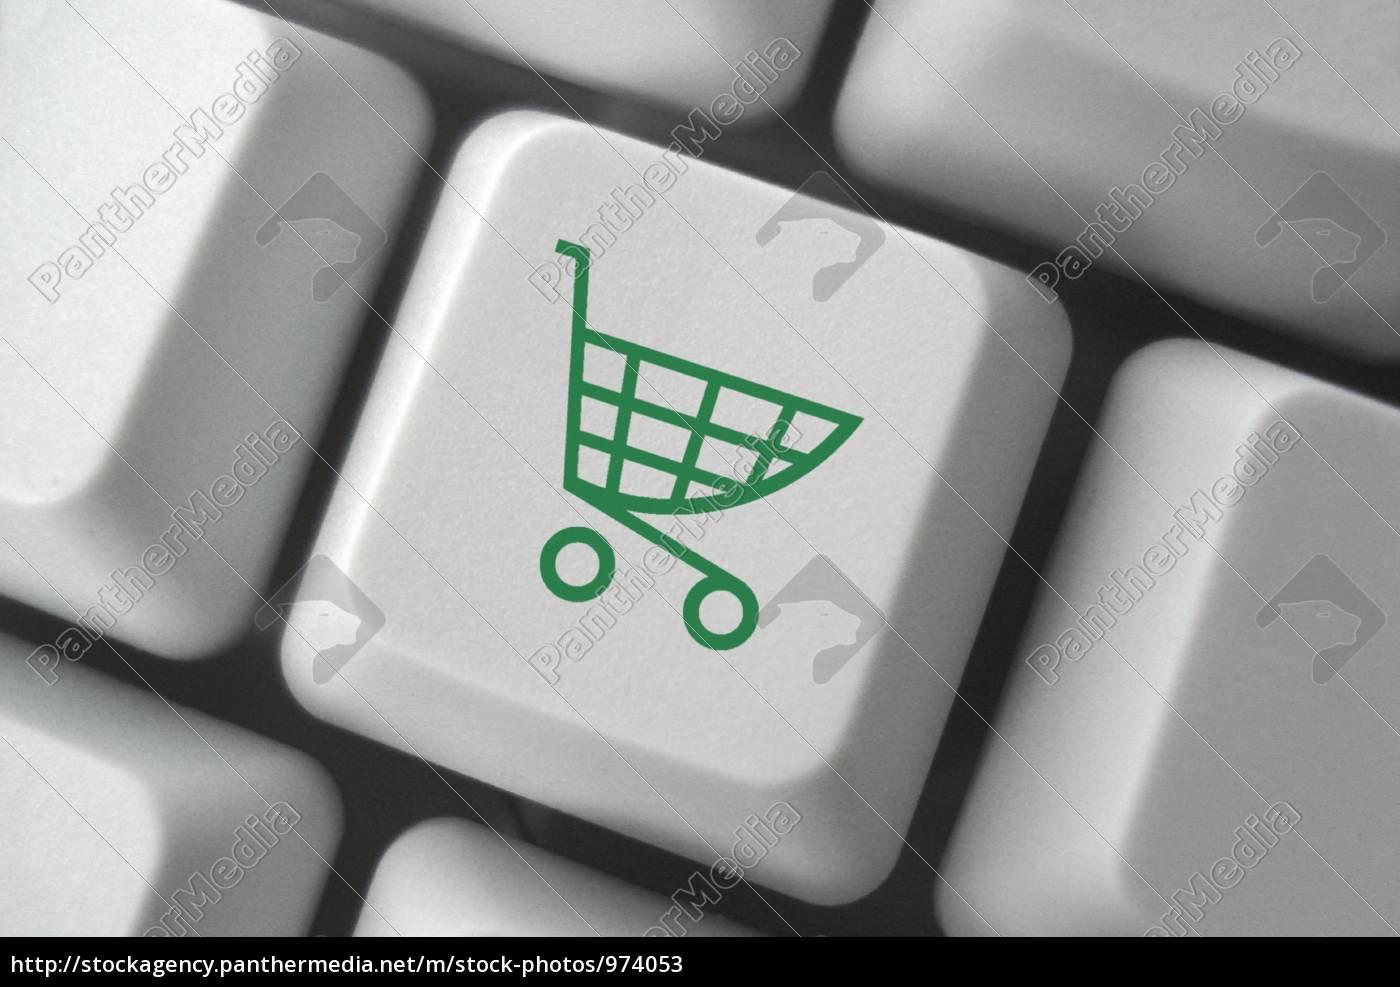 shop, button, iv - 974053